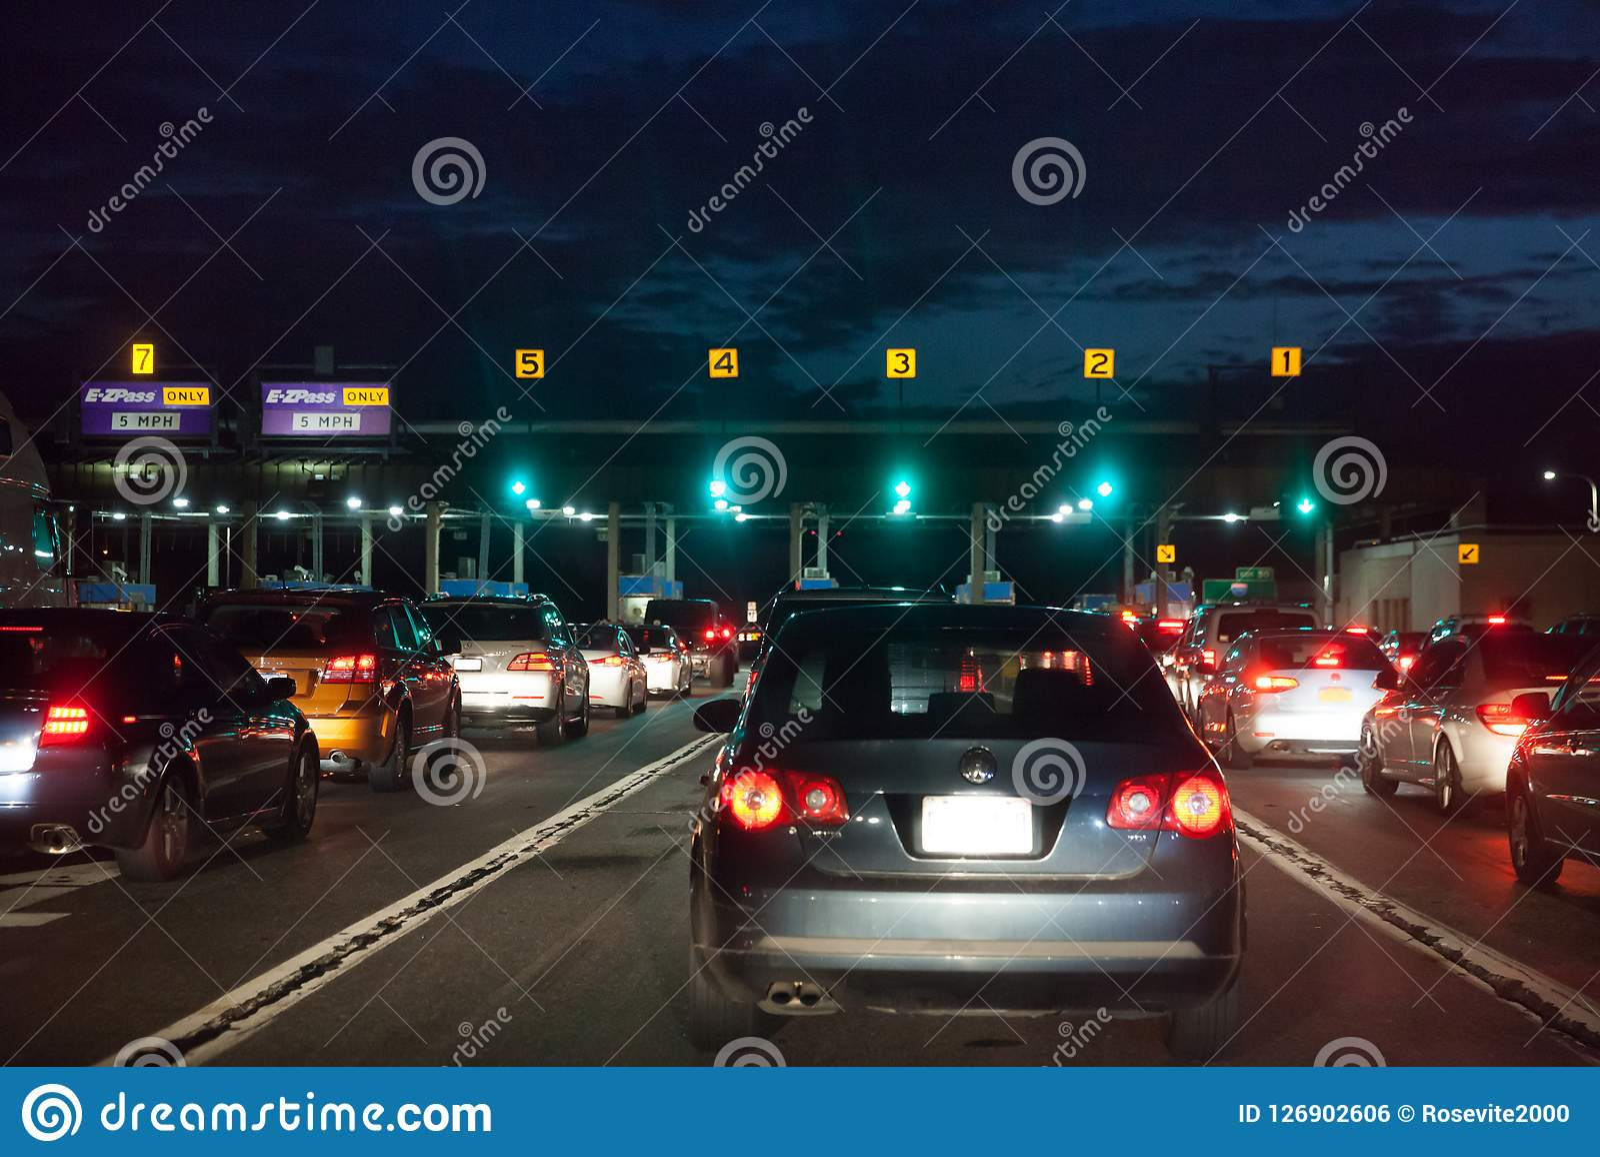 Auto s in een opstelling bij nacht bij de tolpoort om voor tolprijs te betalen